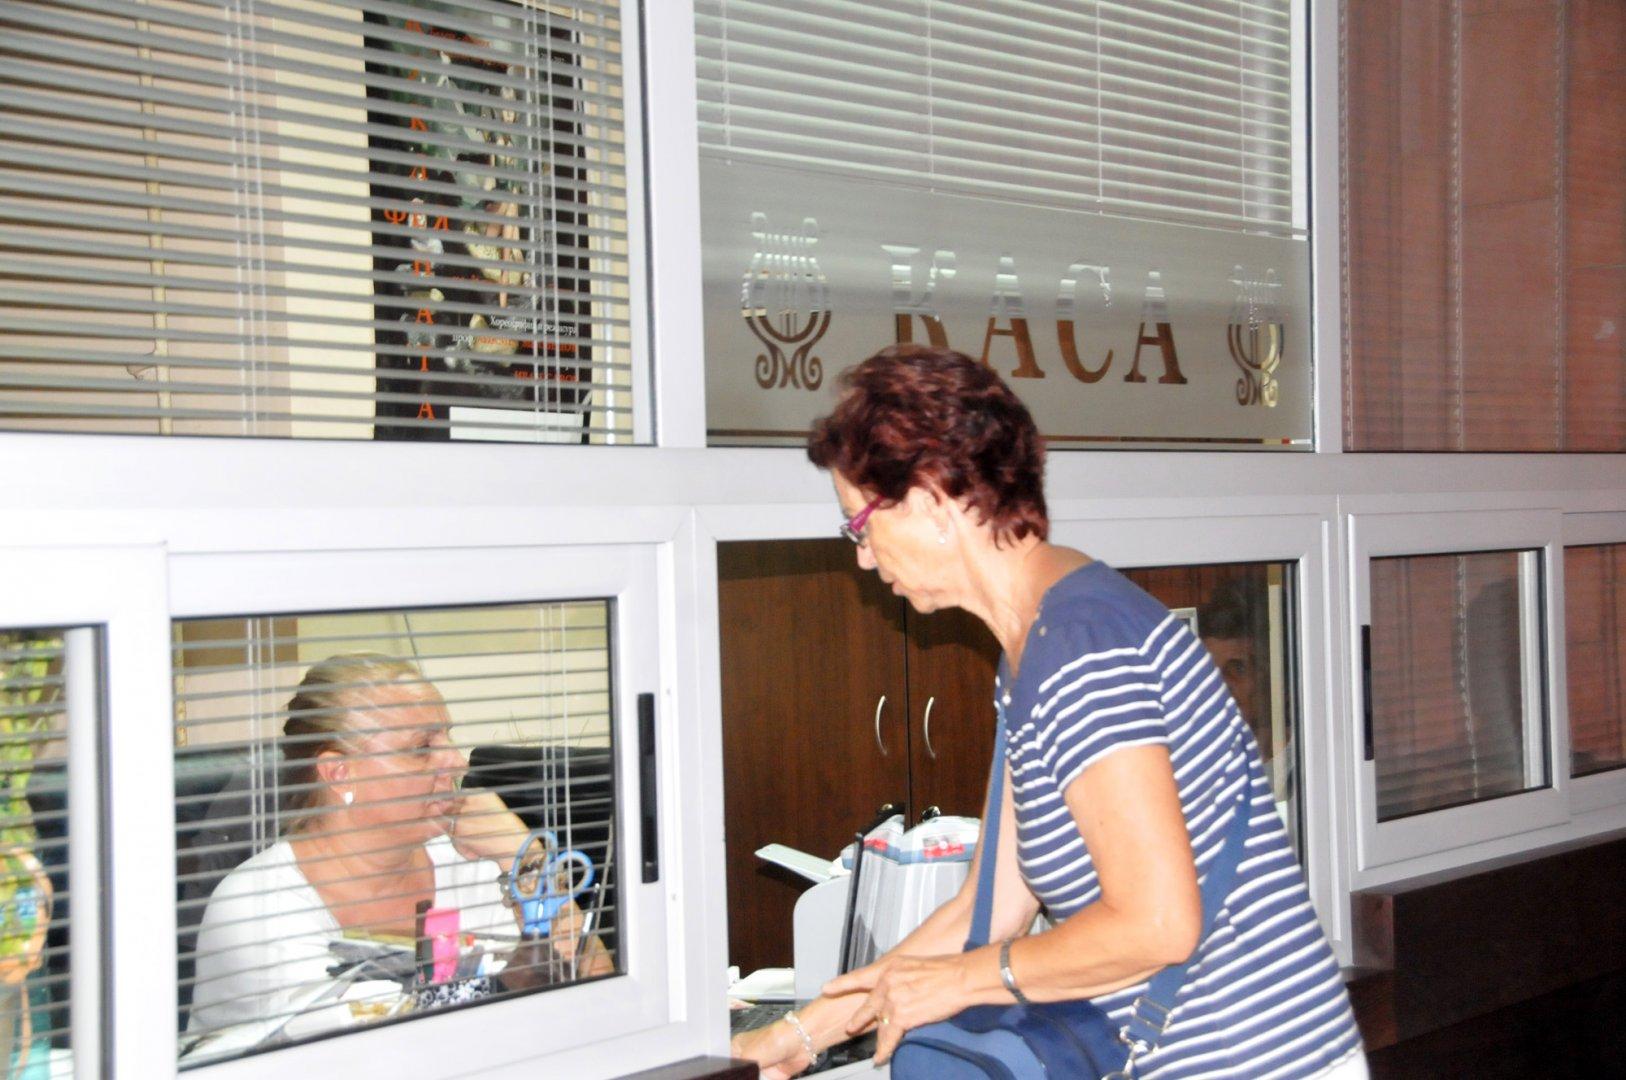 Най-голям интерес изложбата предизвиква сред хората на средна възраст. Снимки Лина Главинова